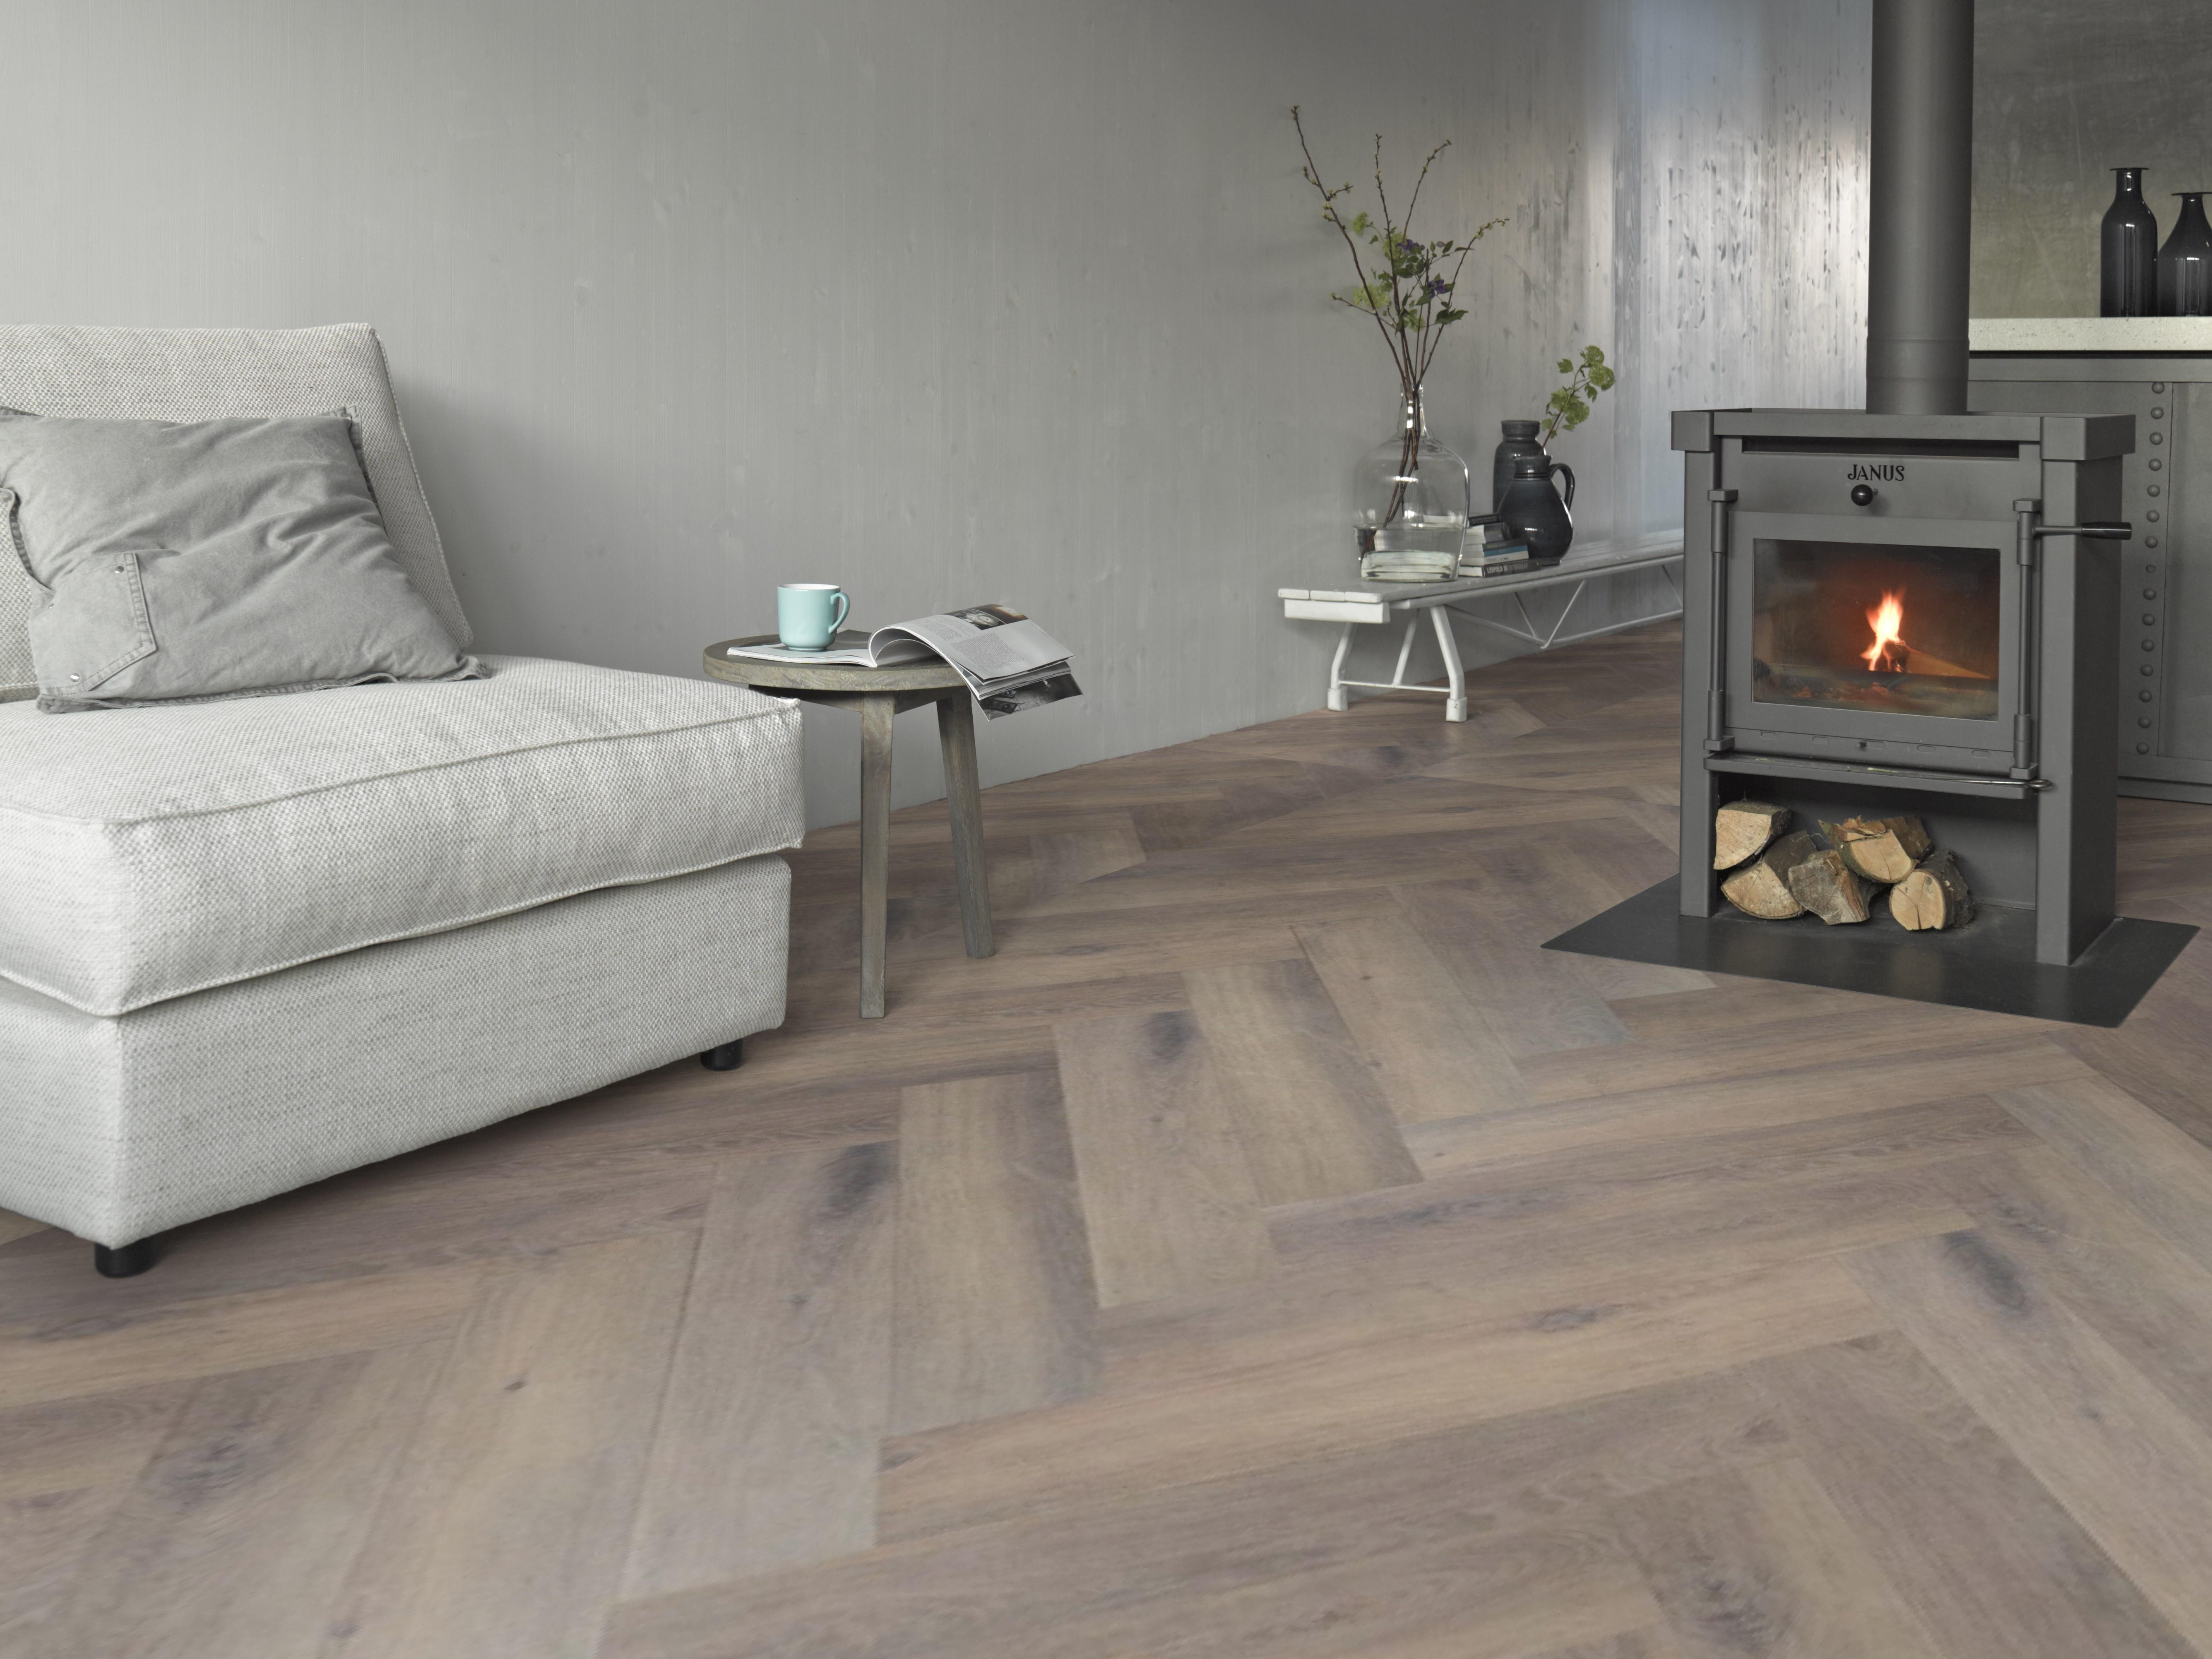 170305 - 1703 - Warm brown oak herringbone B